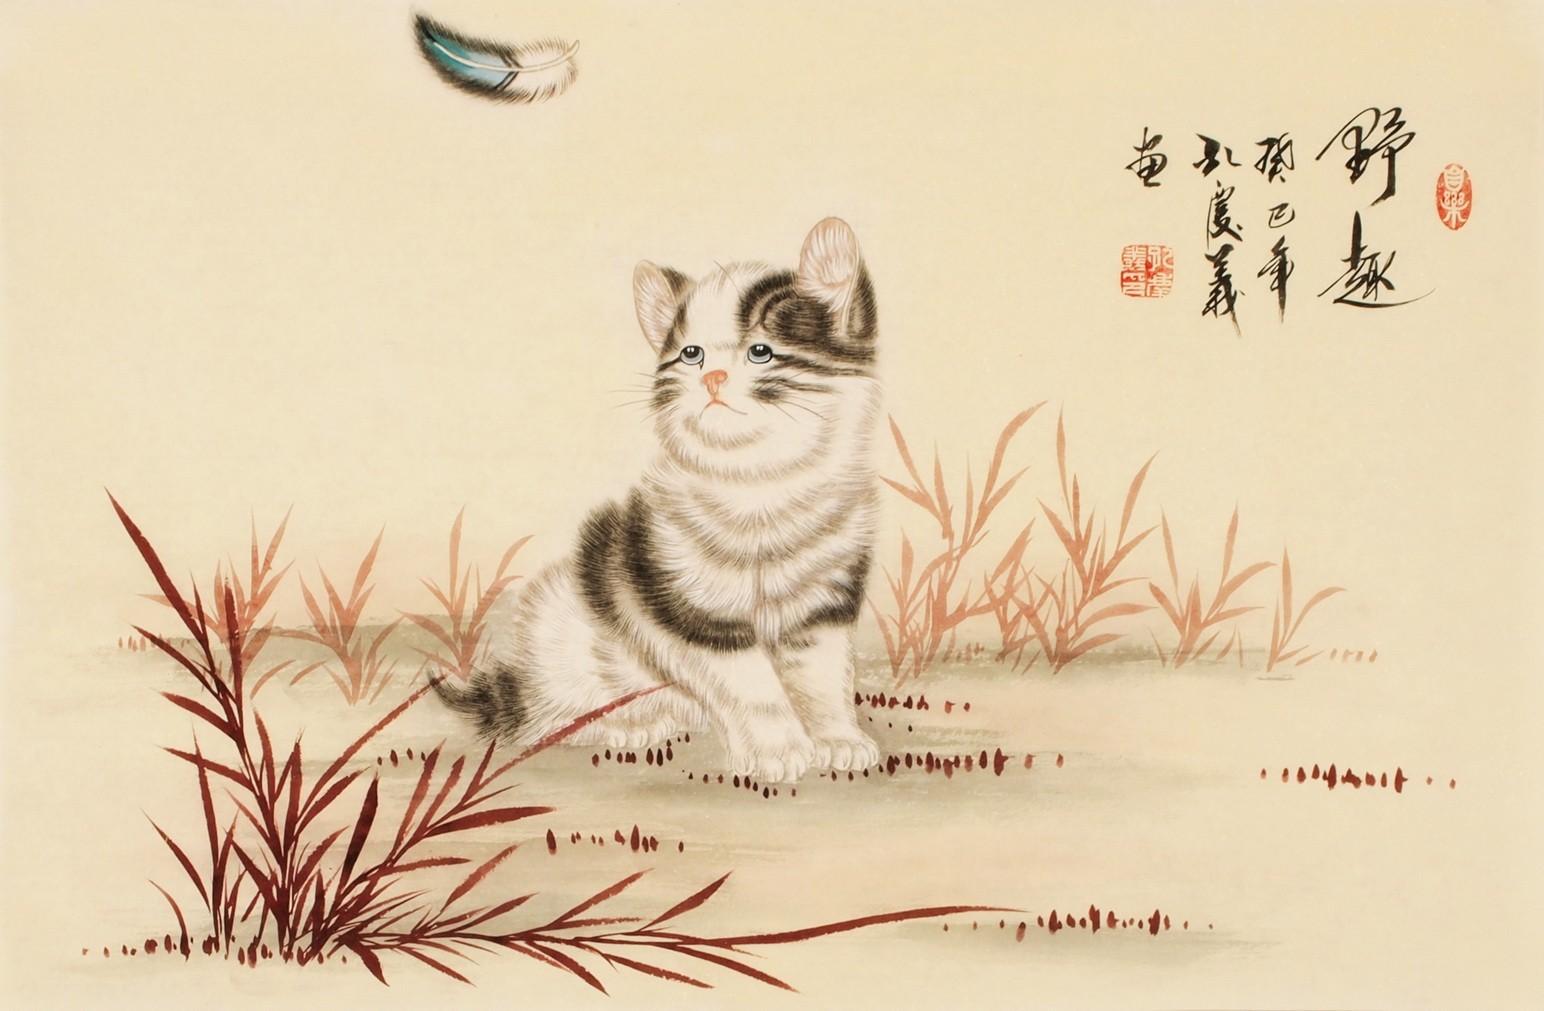 Cats - CNAG003735